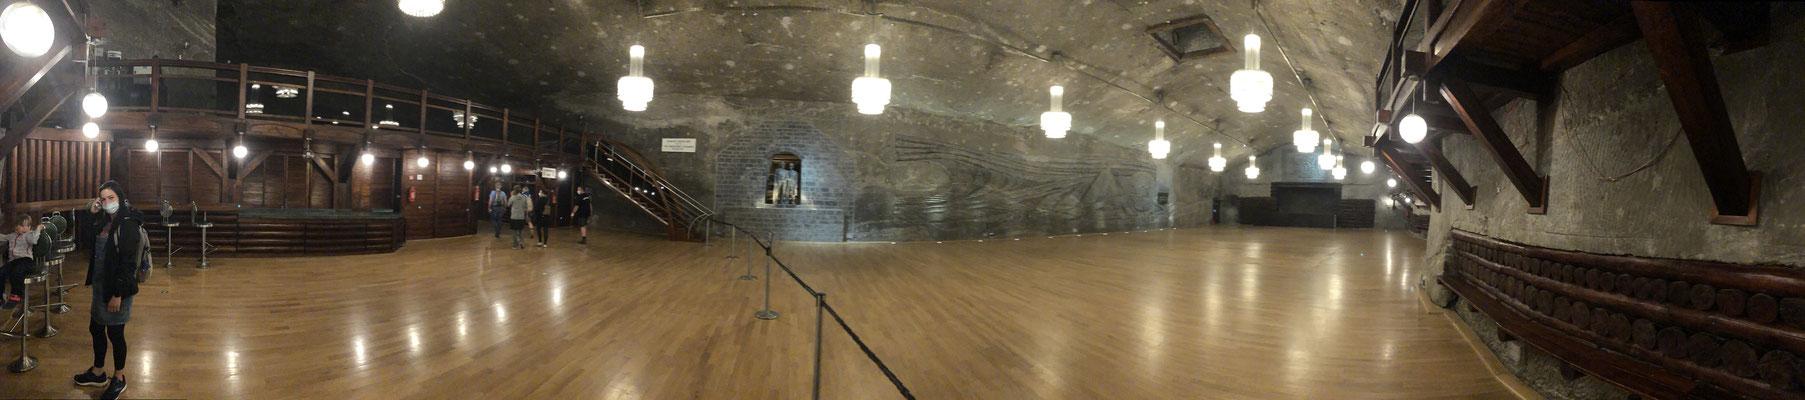 Halle für Konzerte